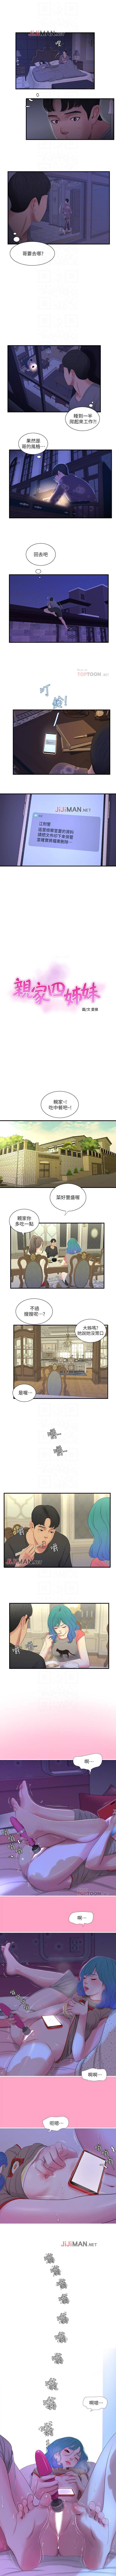 【周四连载】亲家四姐妹(作者:愛摸) 第1~27话 84